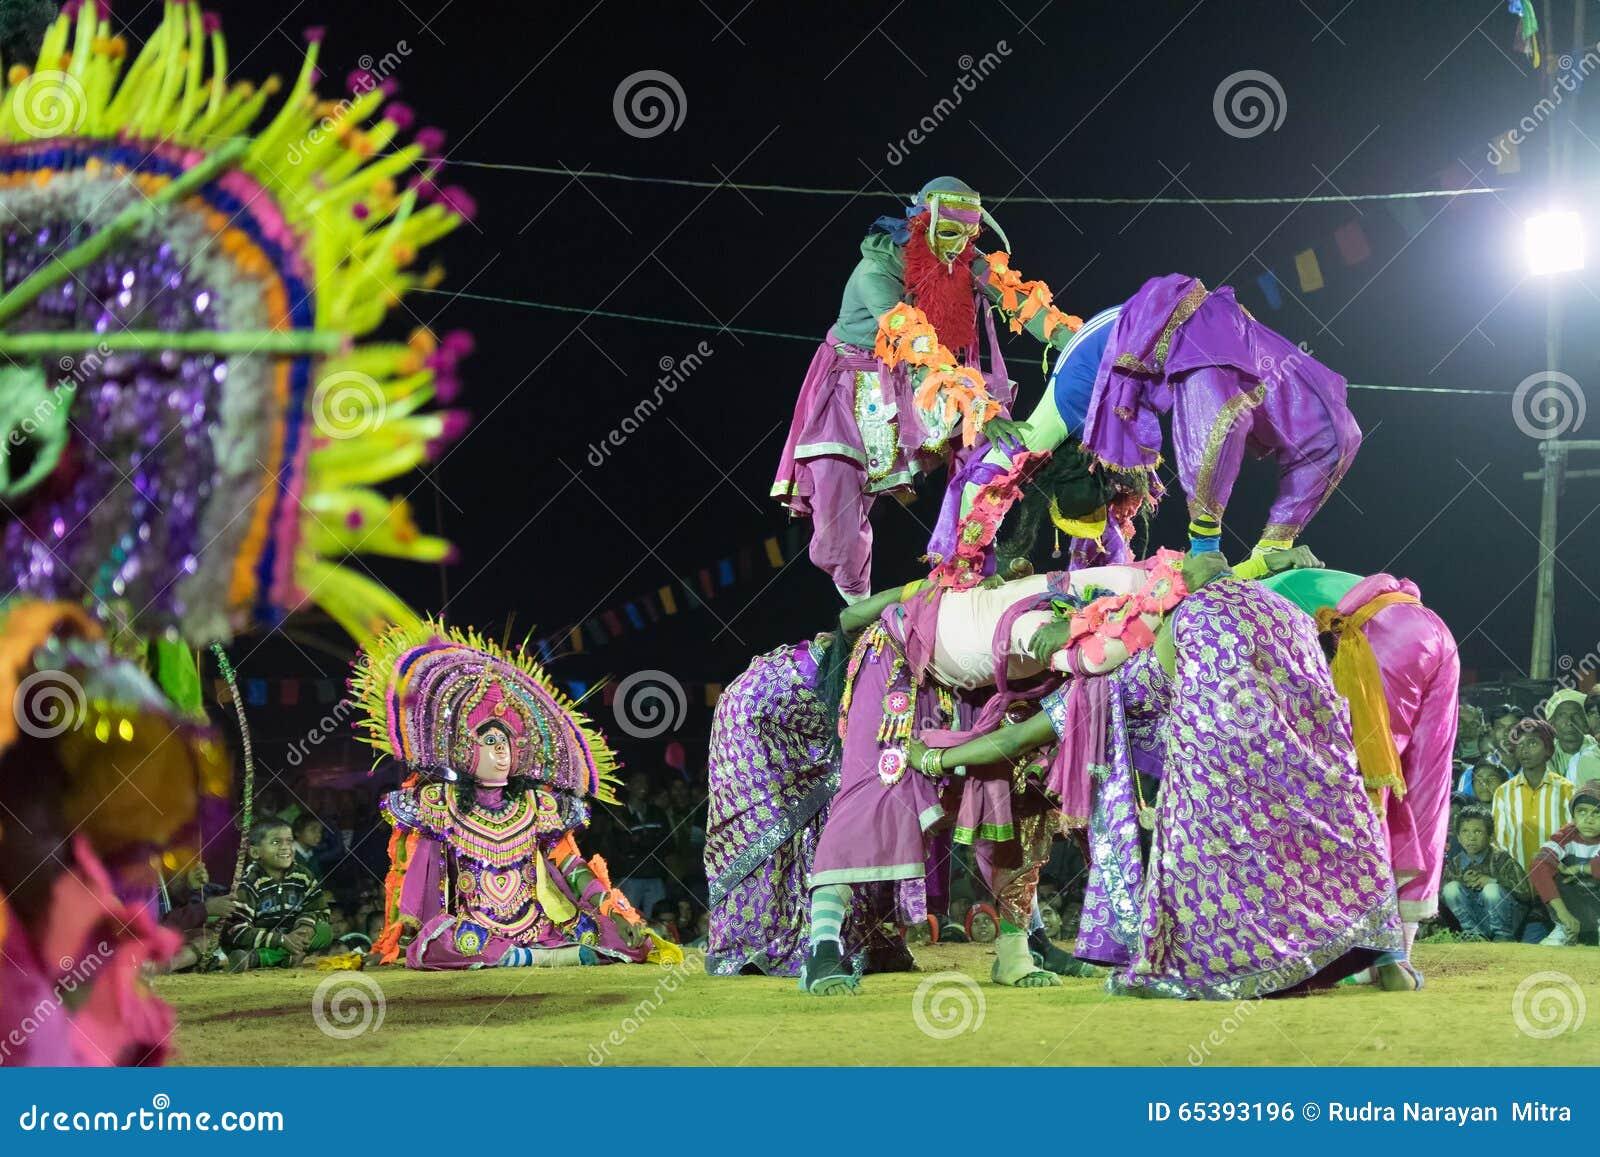 Danse de Chhau, danse martiale tribale indienne la nuit dans le village